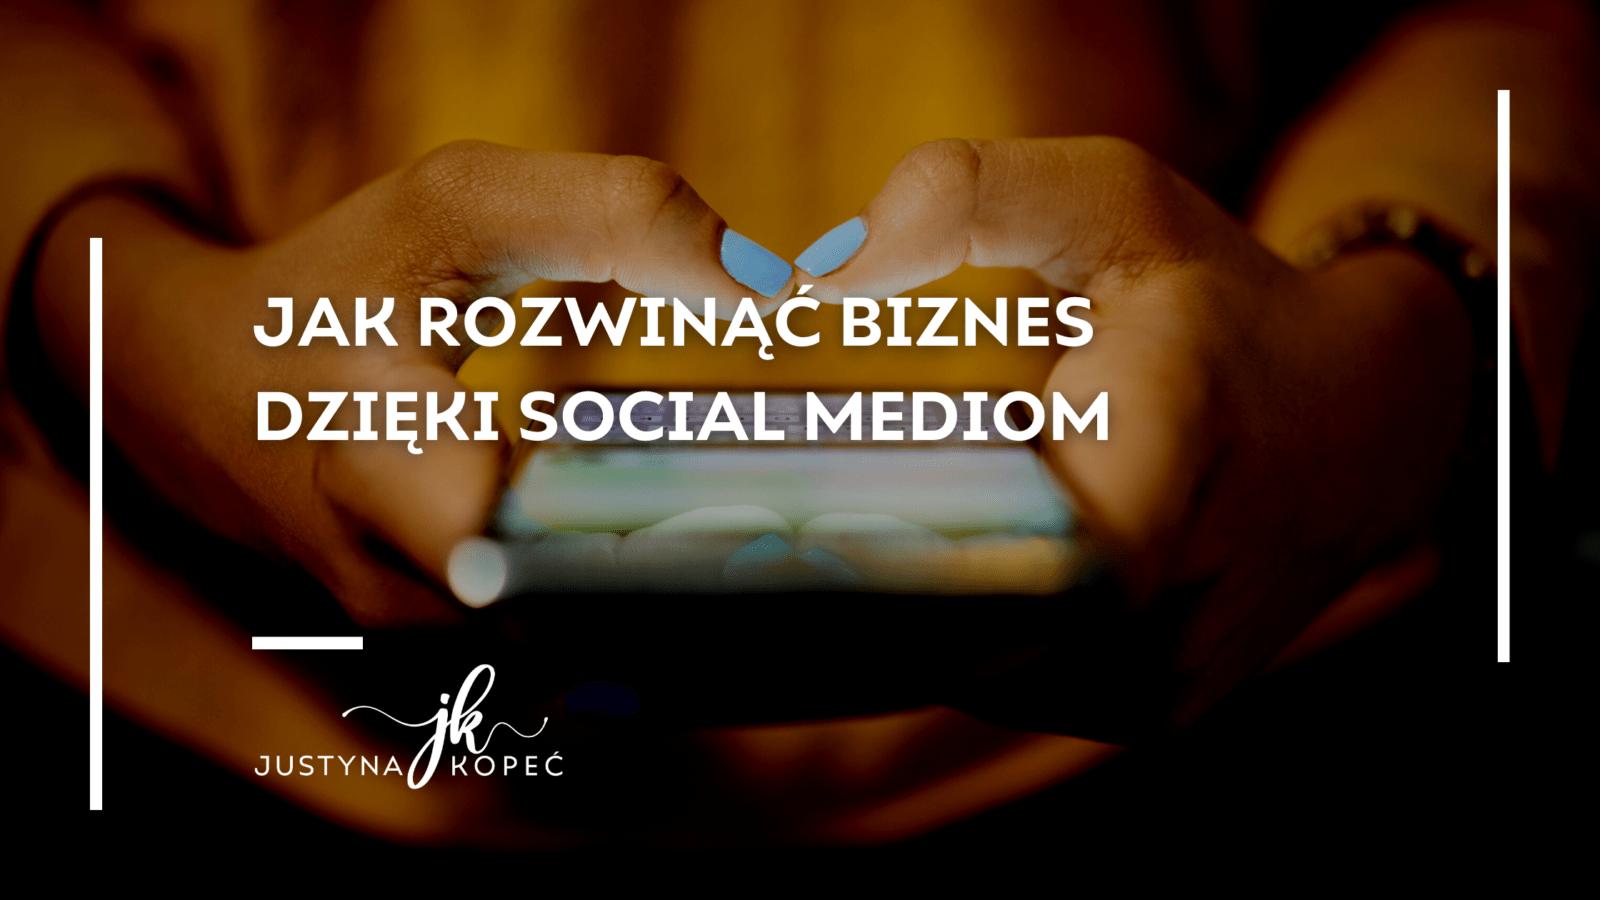 Jak rozwinąć biznes dzięki social mediom?